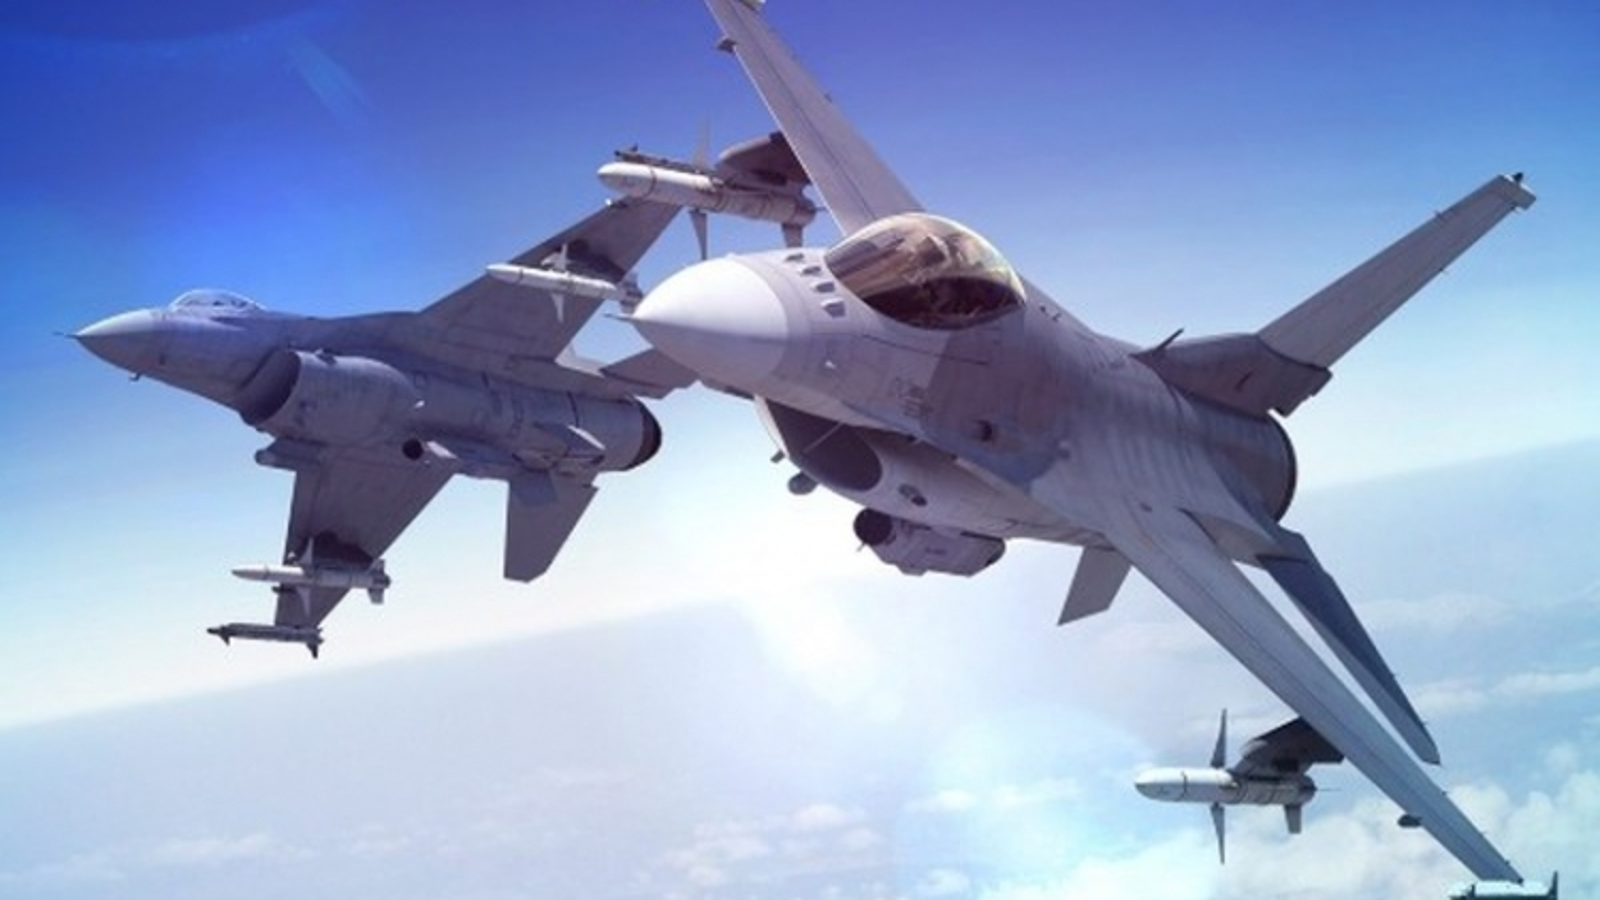 Đài Loan (Trung Quốc) tăng ngân sách để cải thiện năng lực của không quân, hải quân